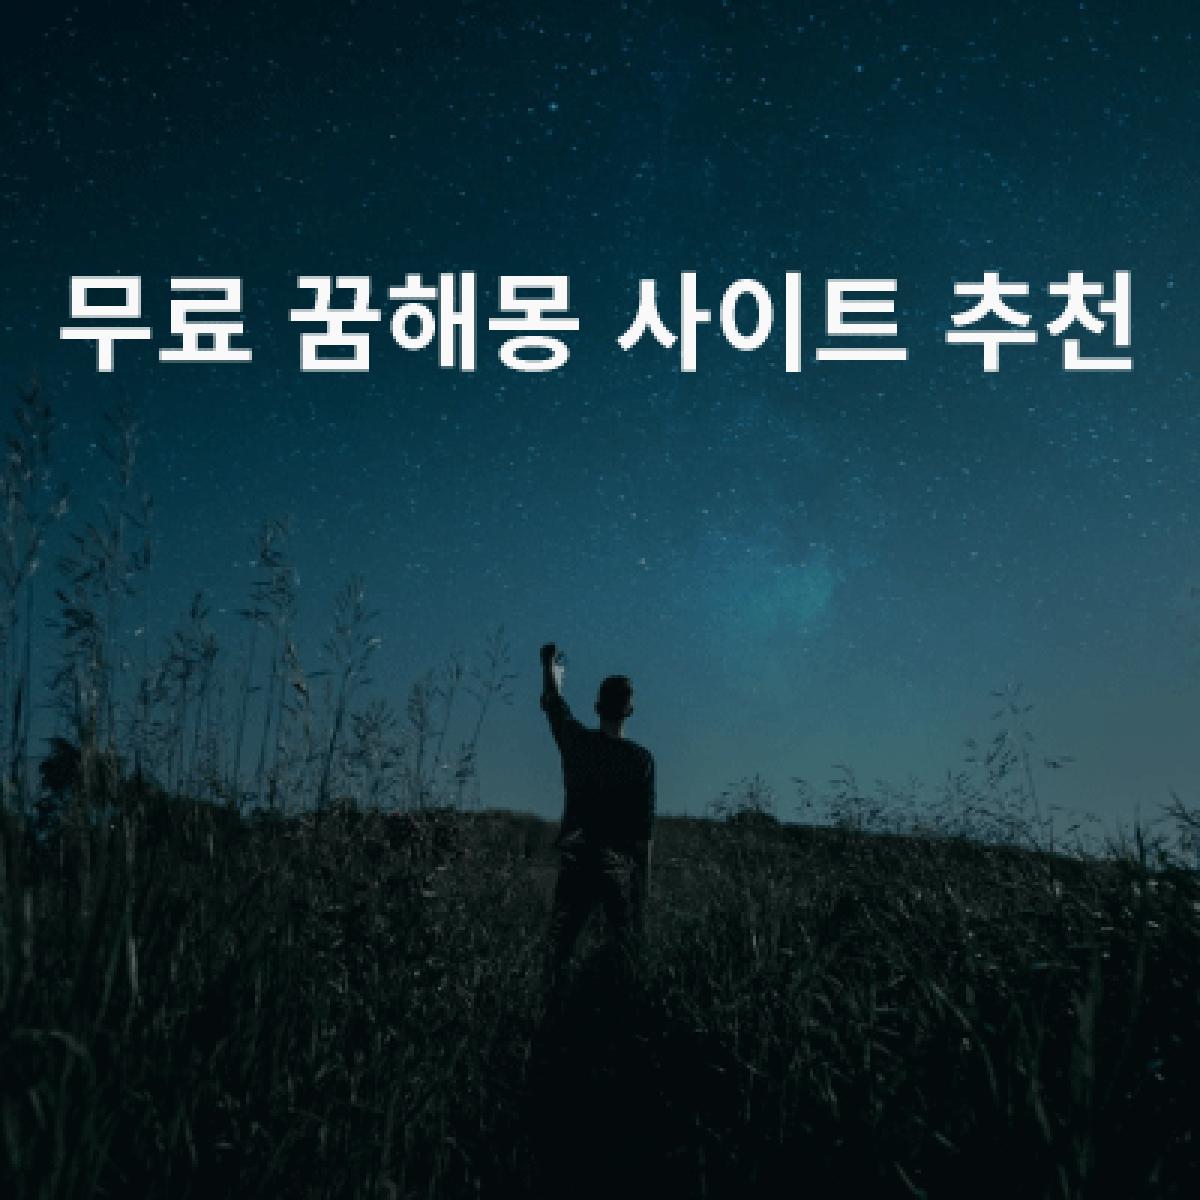 꿈해몽 사이트